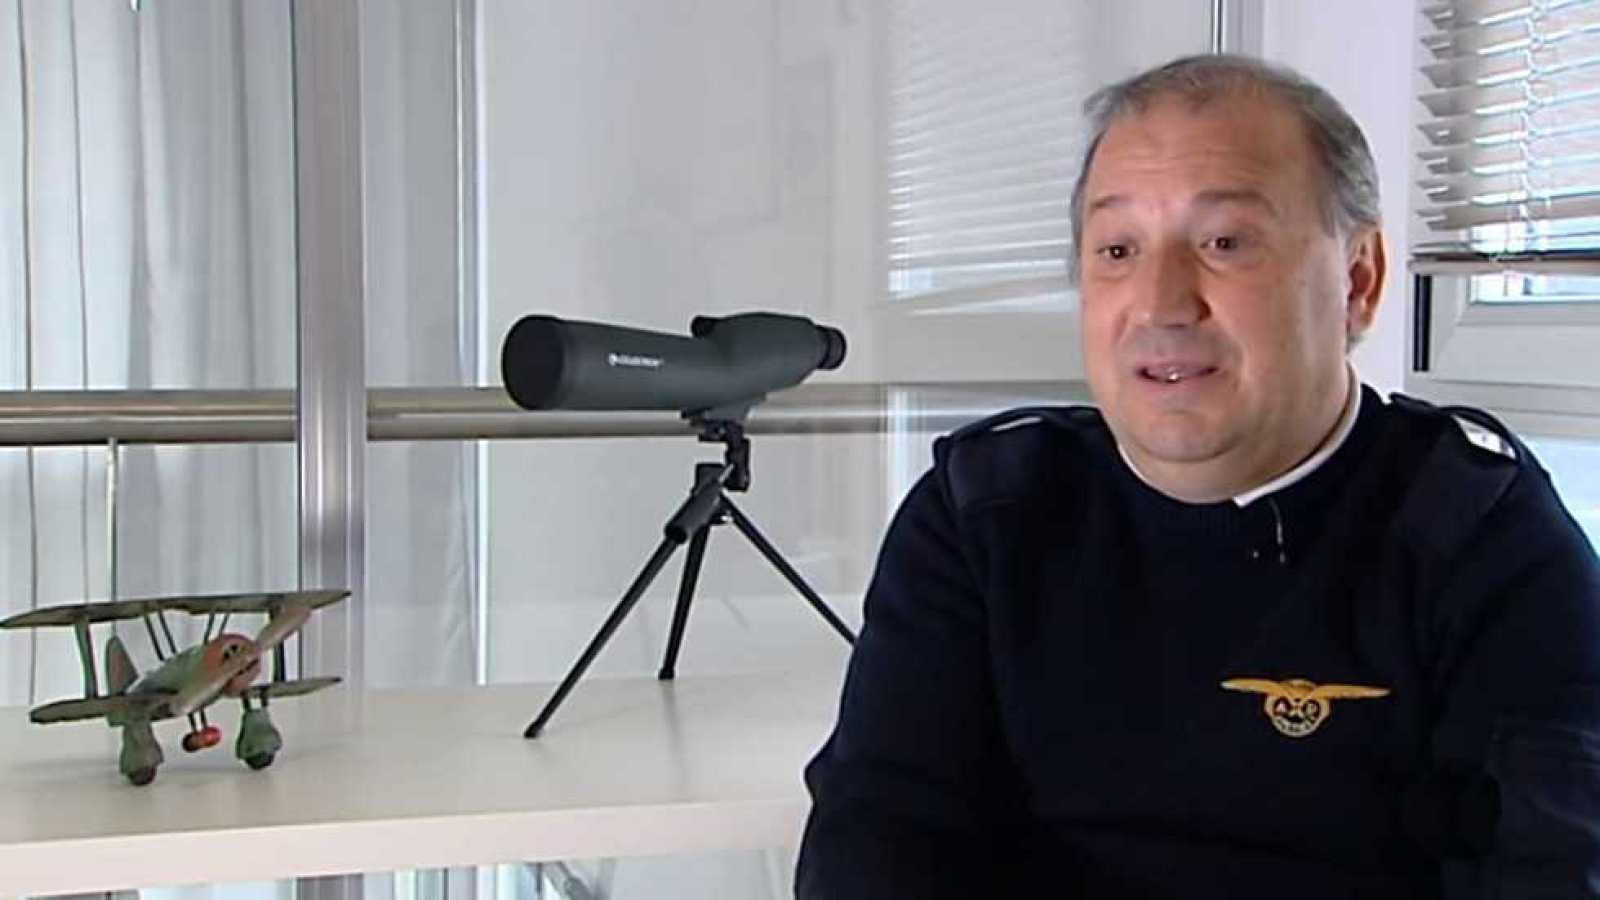 Aquí hay trabajo - 09/01/17 - RTVE.es